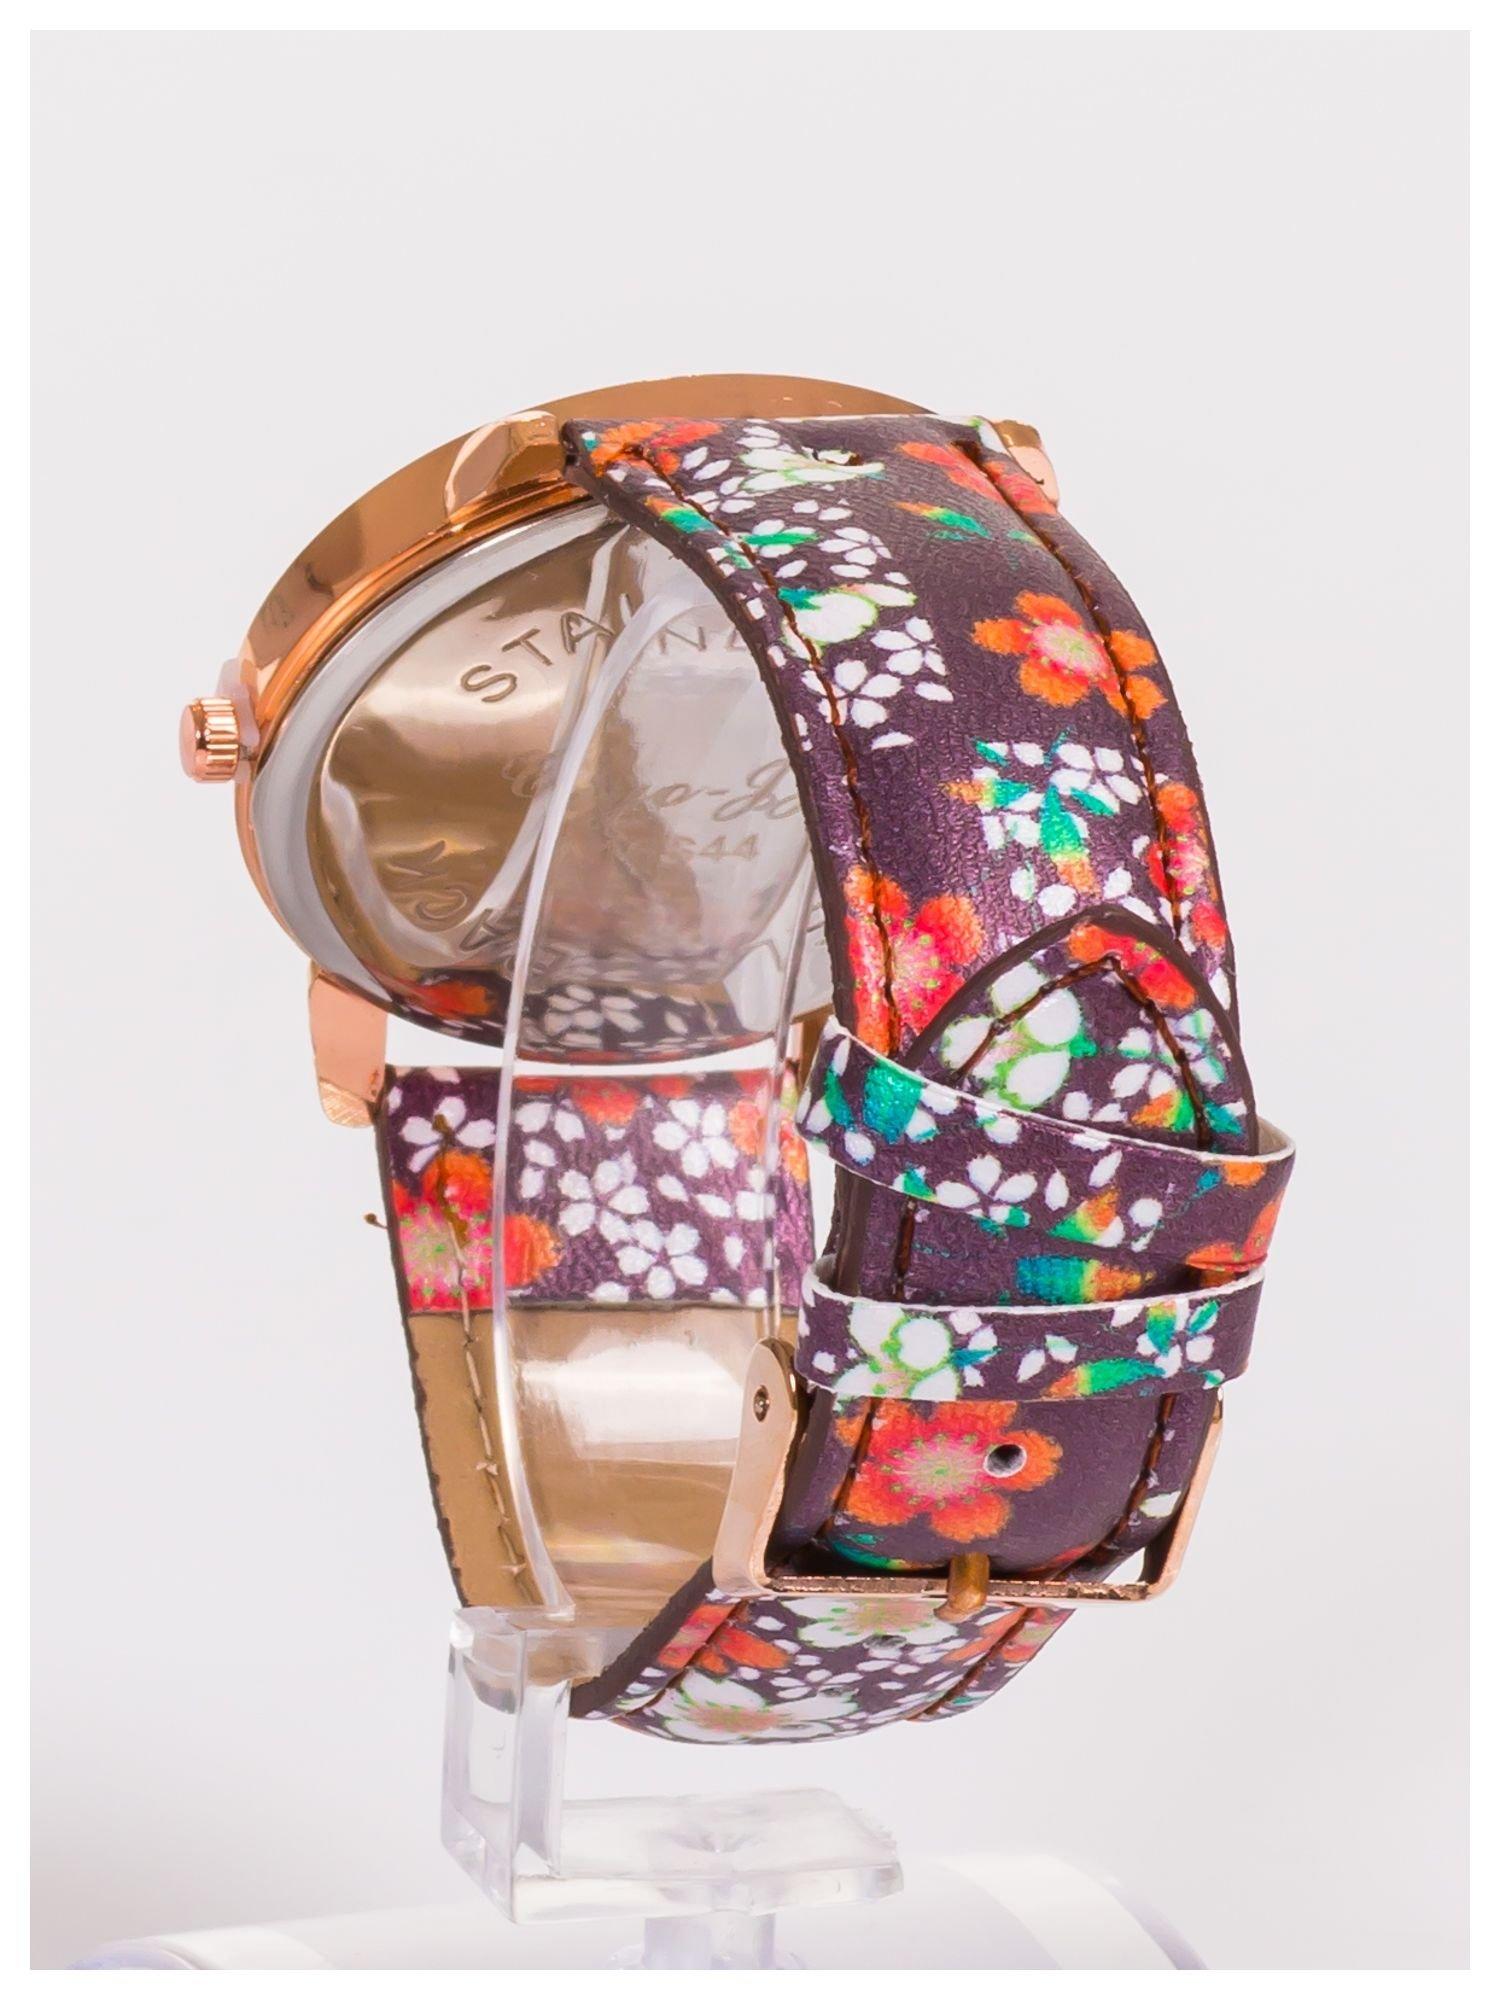 Damski zegarek z ozdobnym motywem kwiatowym na pasku oraz dużej tarczy                                   zdj.                                  4